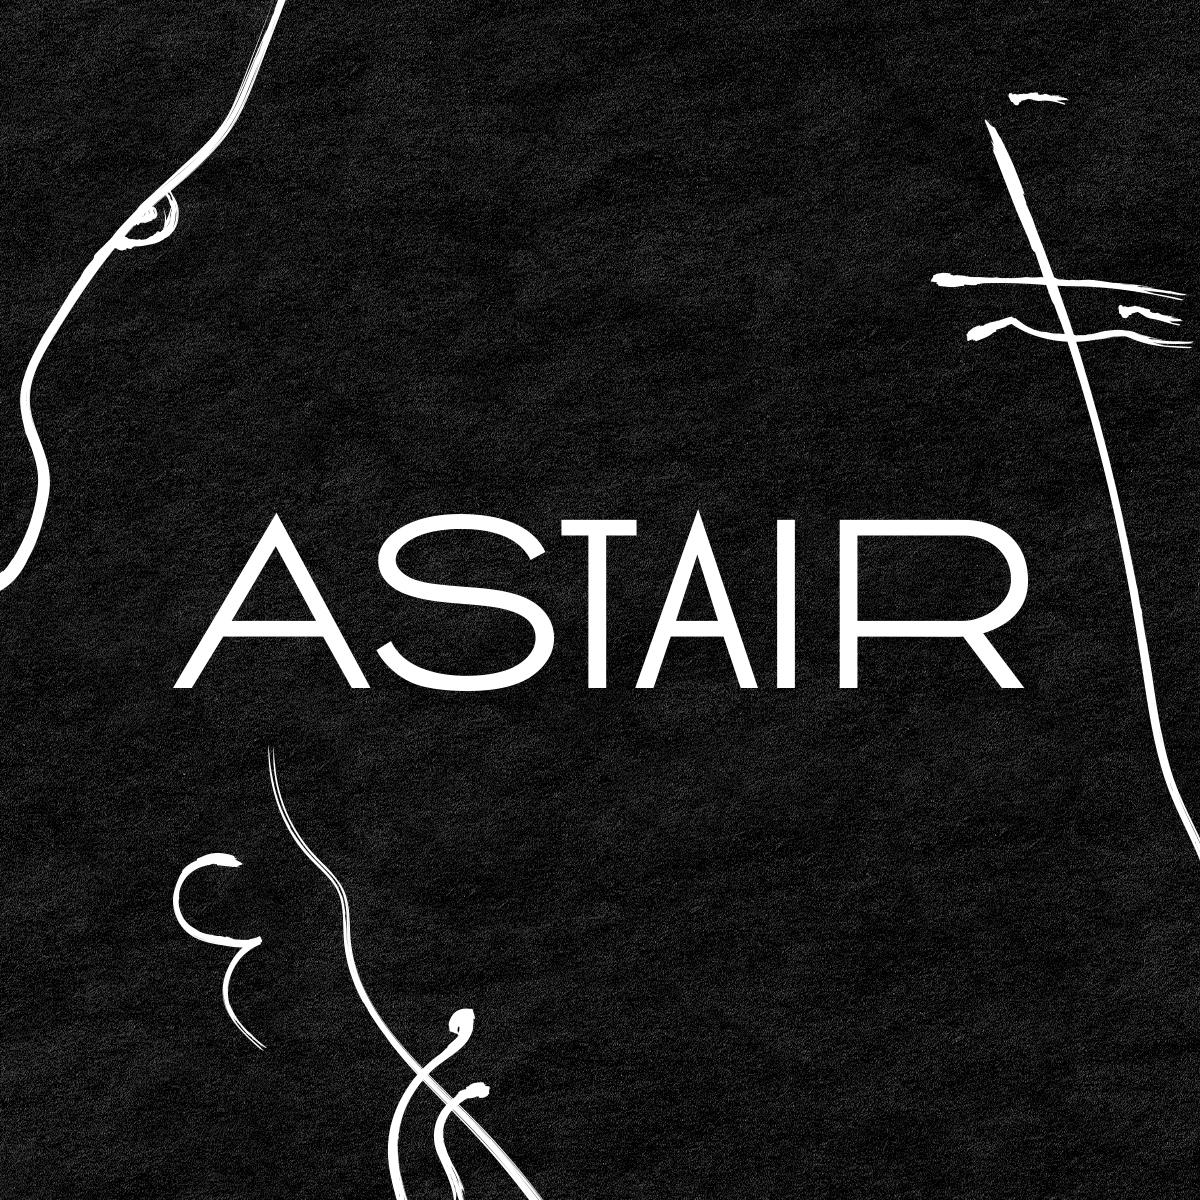 Astair